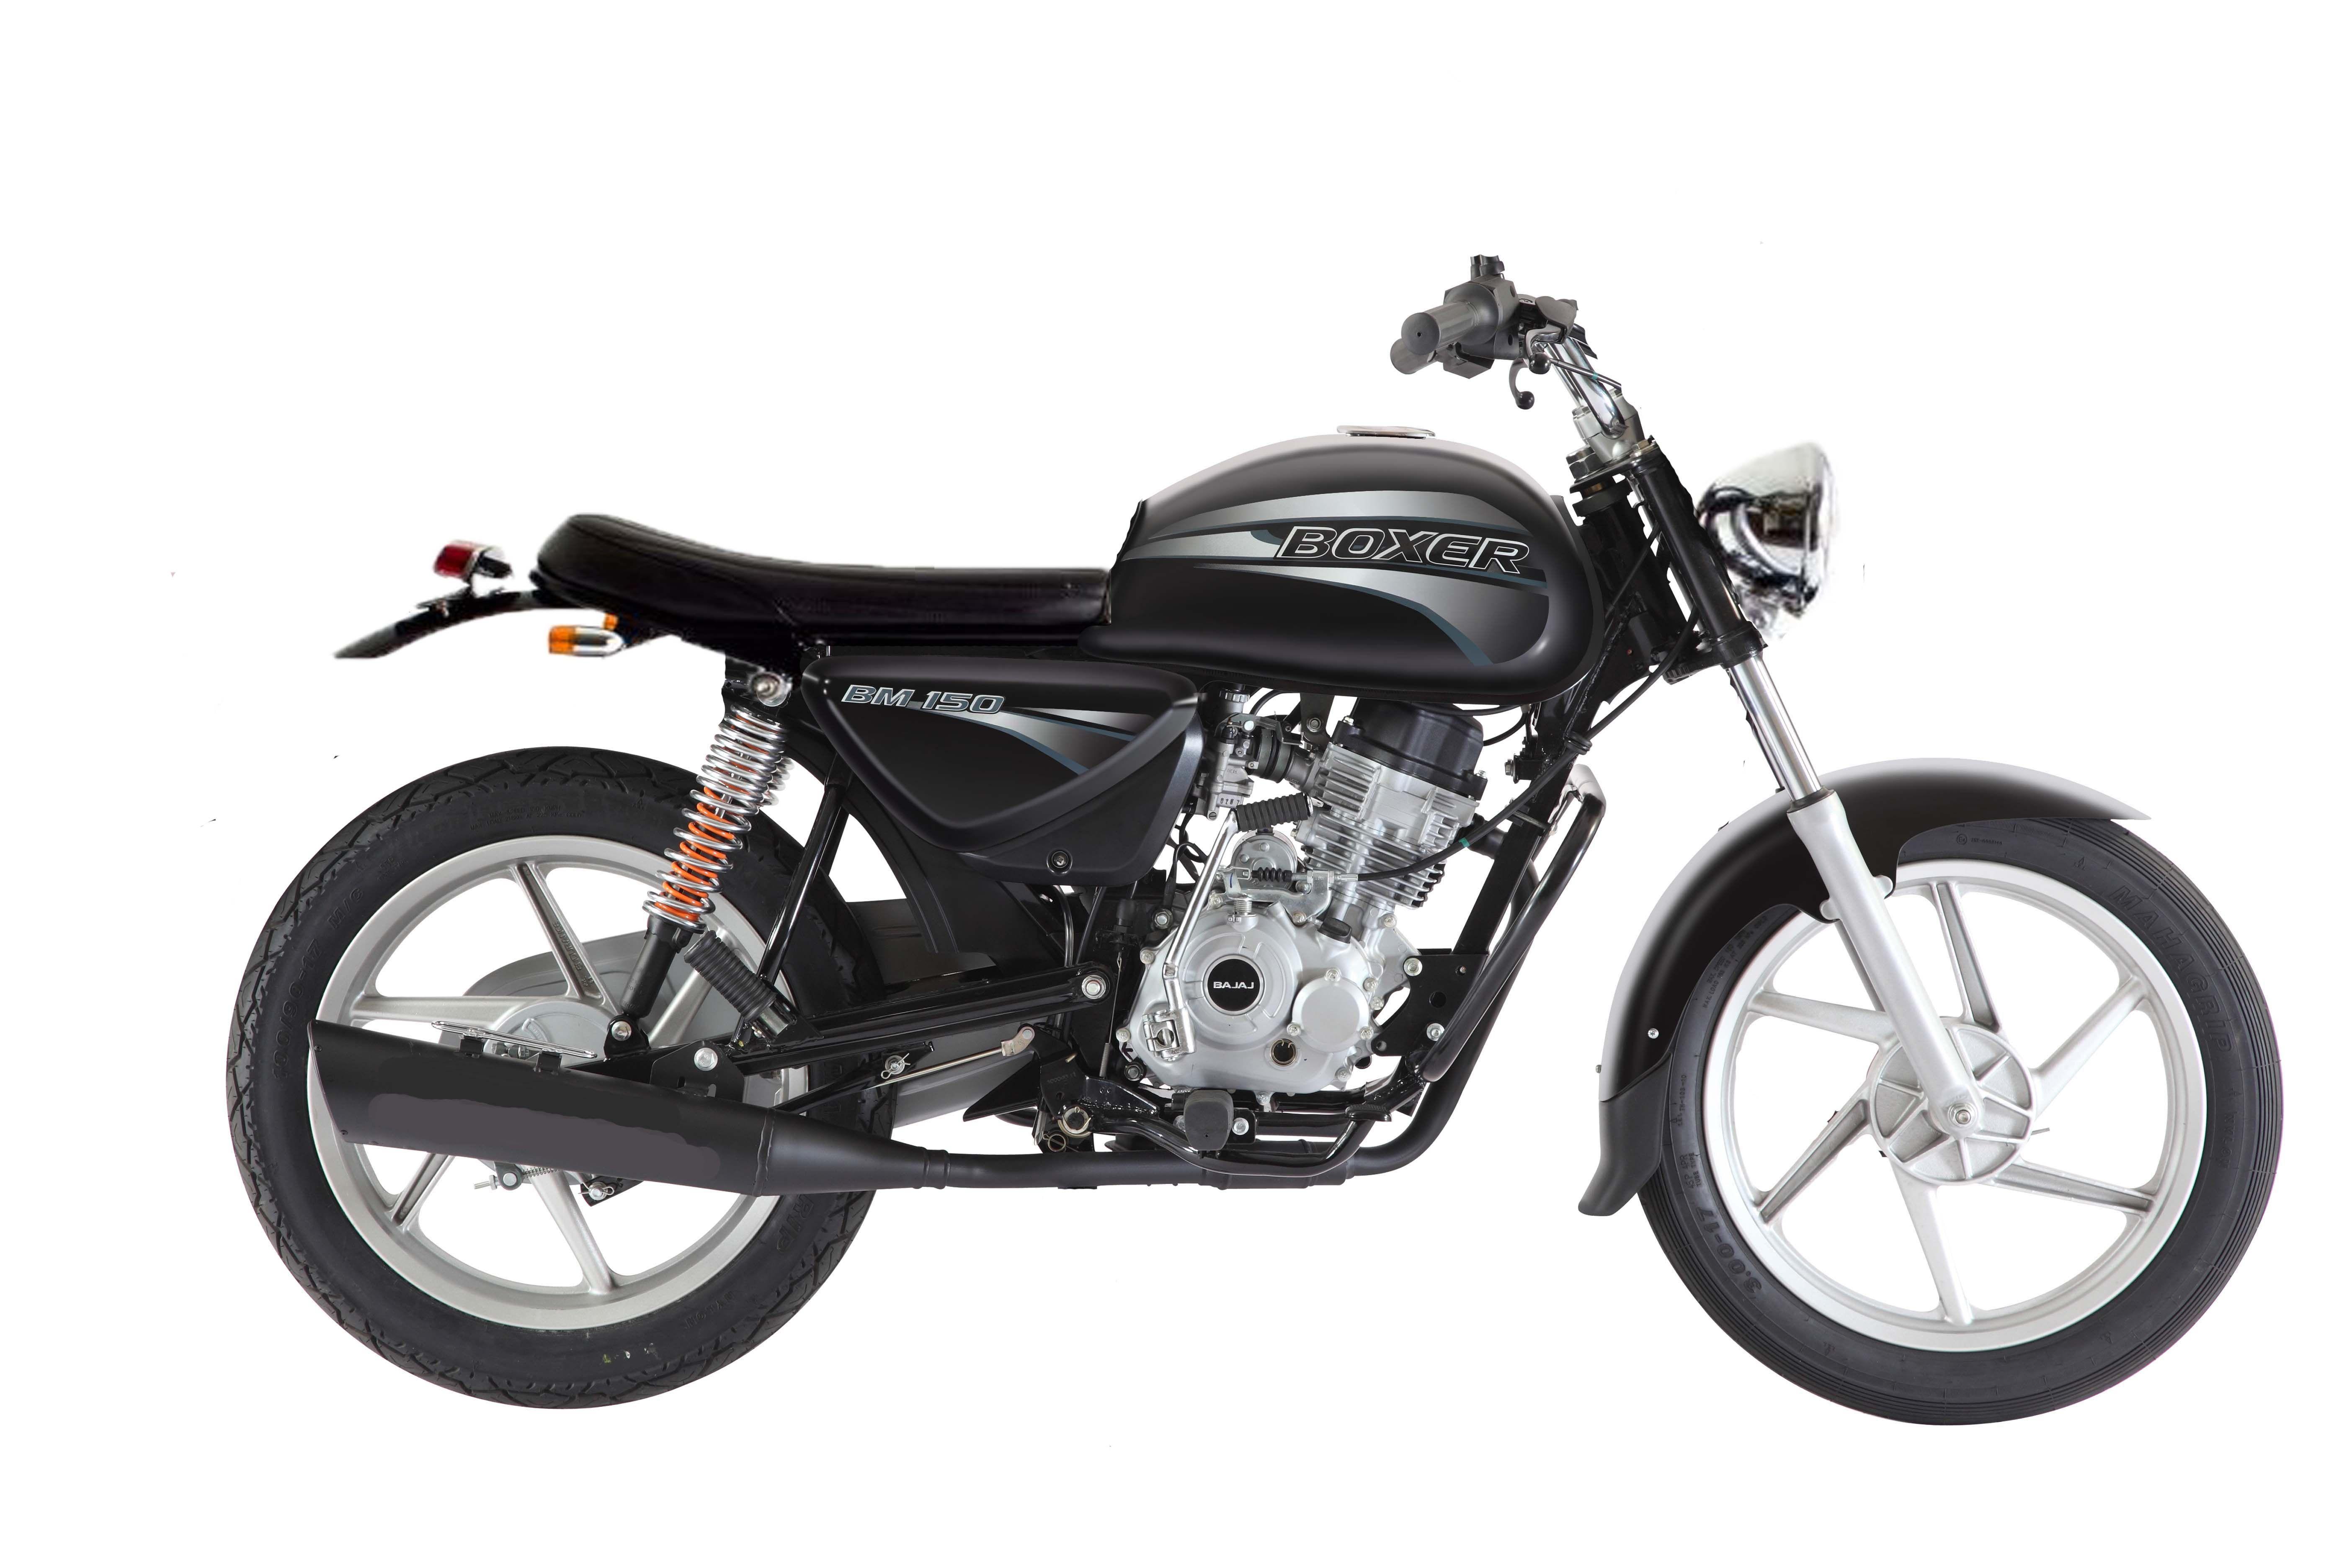 Ilk Calismalar Custom Cafe Racer Cafe Racer Motorcycle Cafe Racer Bikes